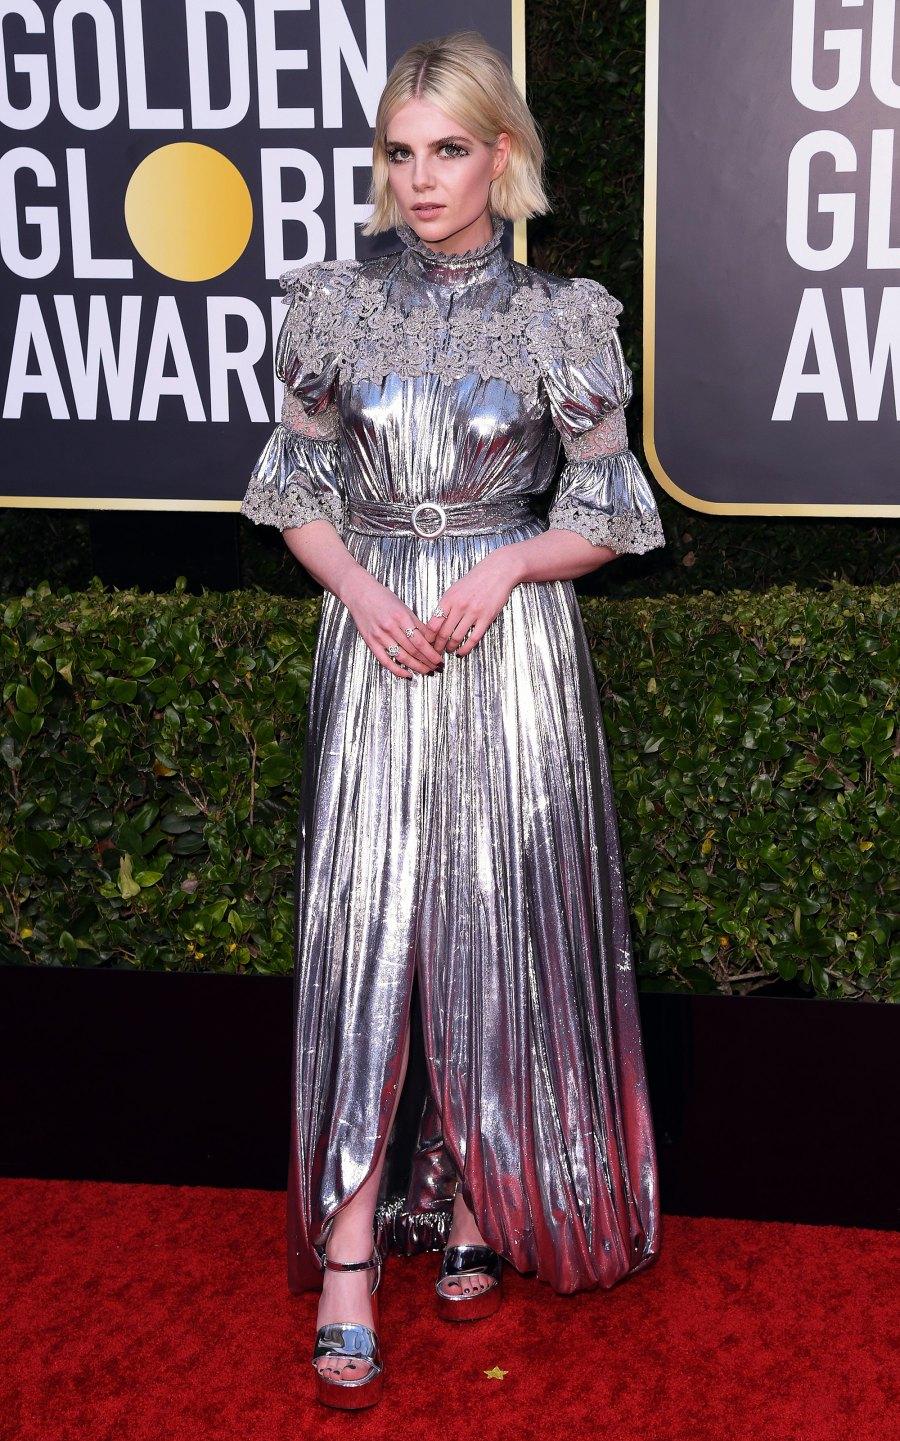 Golden Globes 2020 - Lucy Boynton